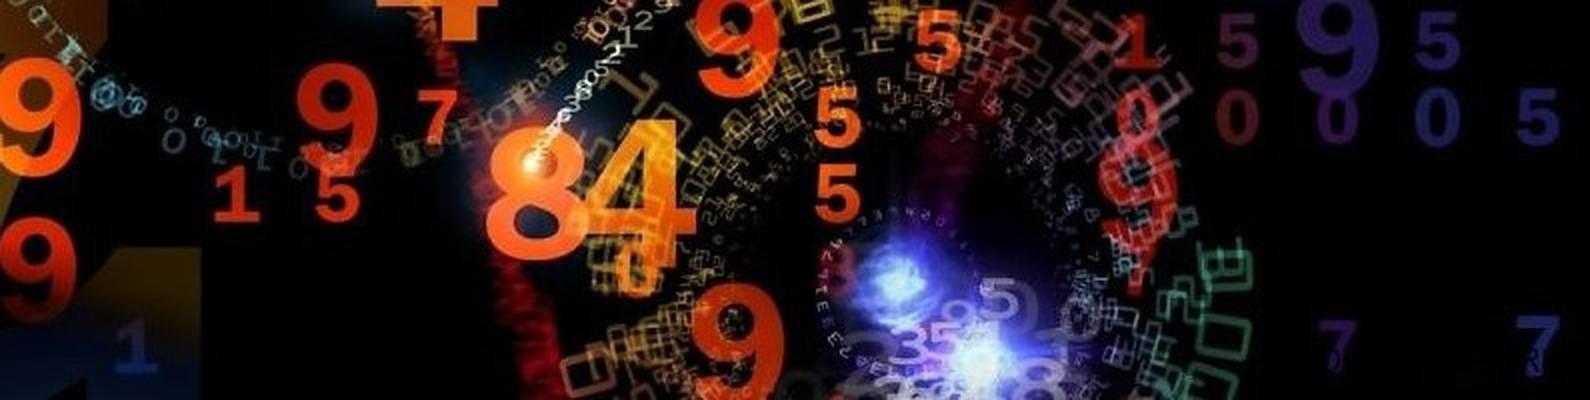 Кабалистическая нумерология - магиямосква.рф